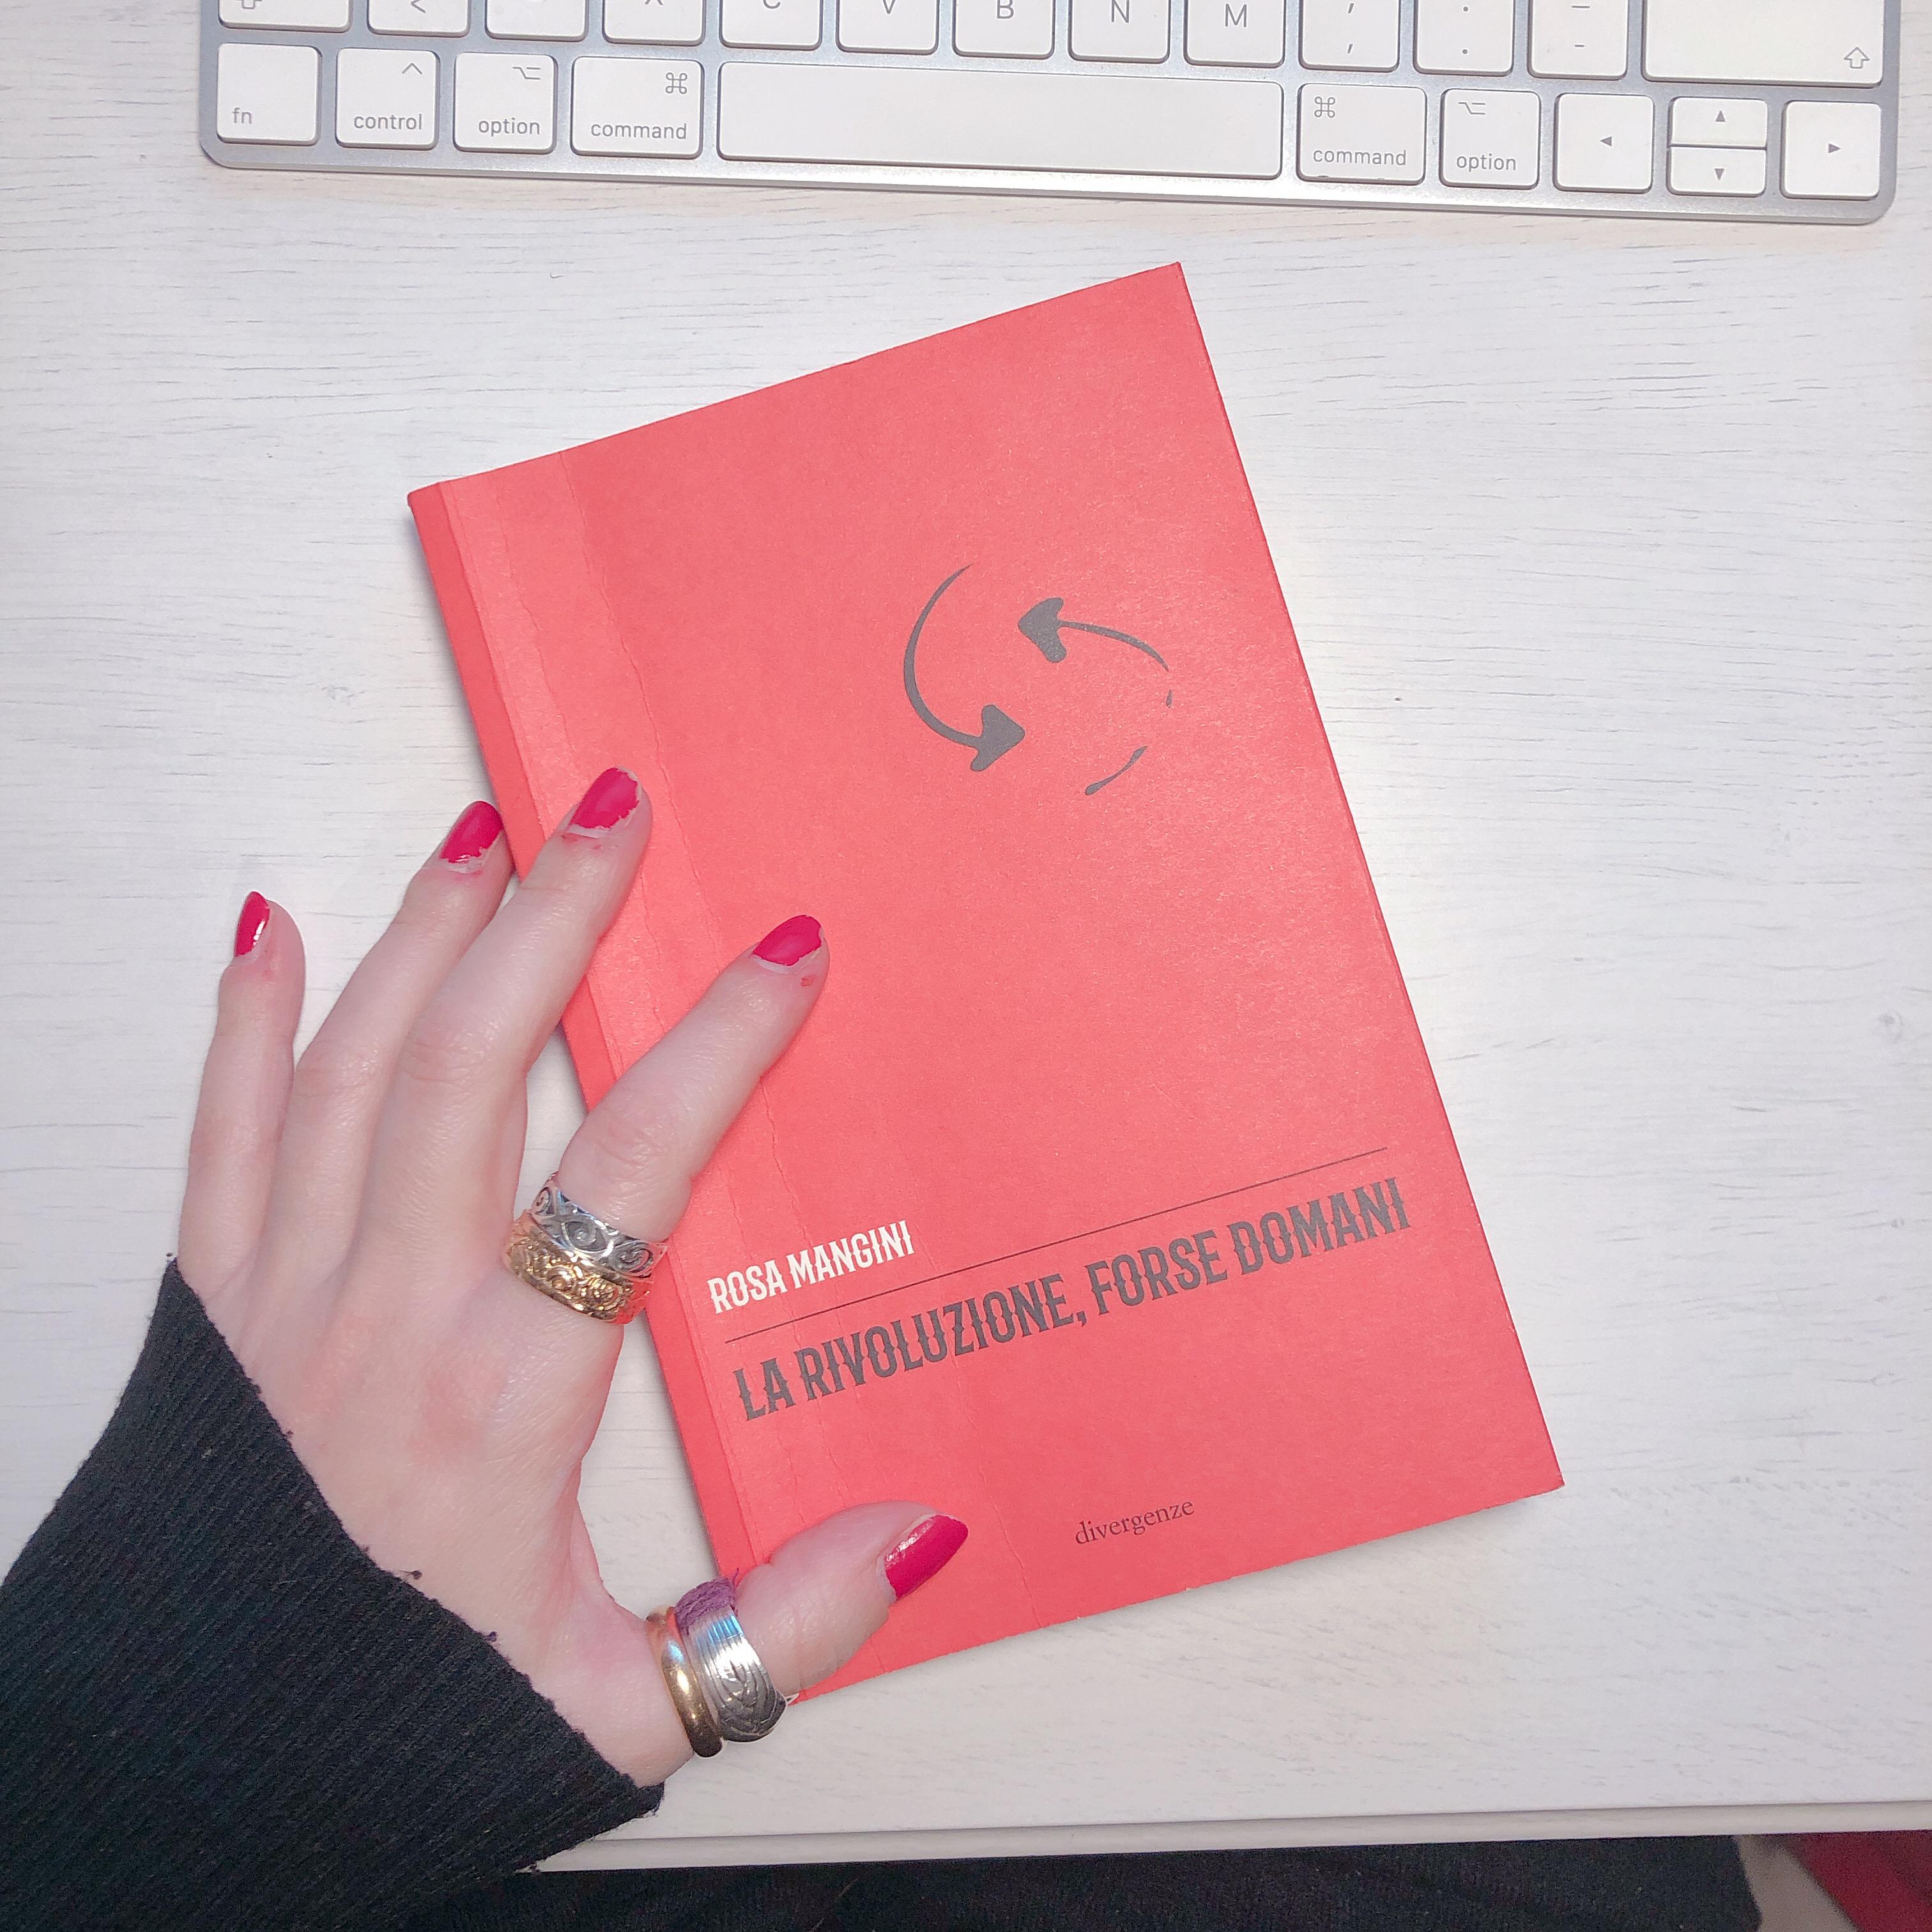 libri letti a gennaio la rivoluzione forse domani rosa mangini